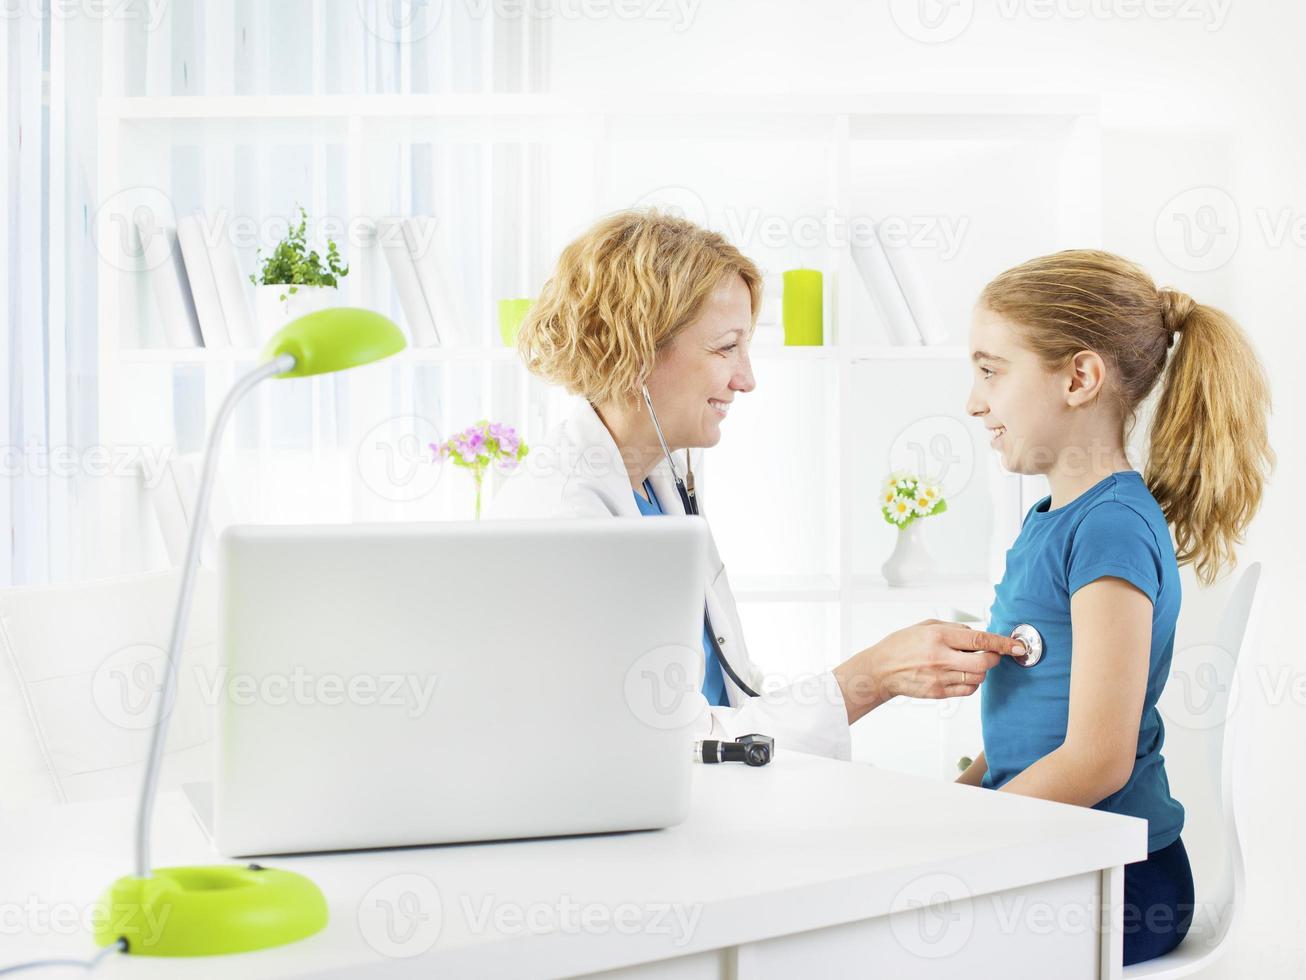 criança no consultório médico. foto